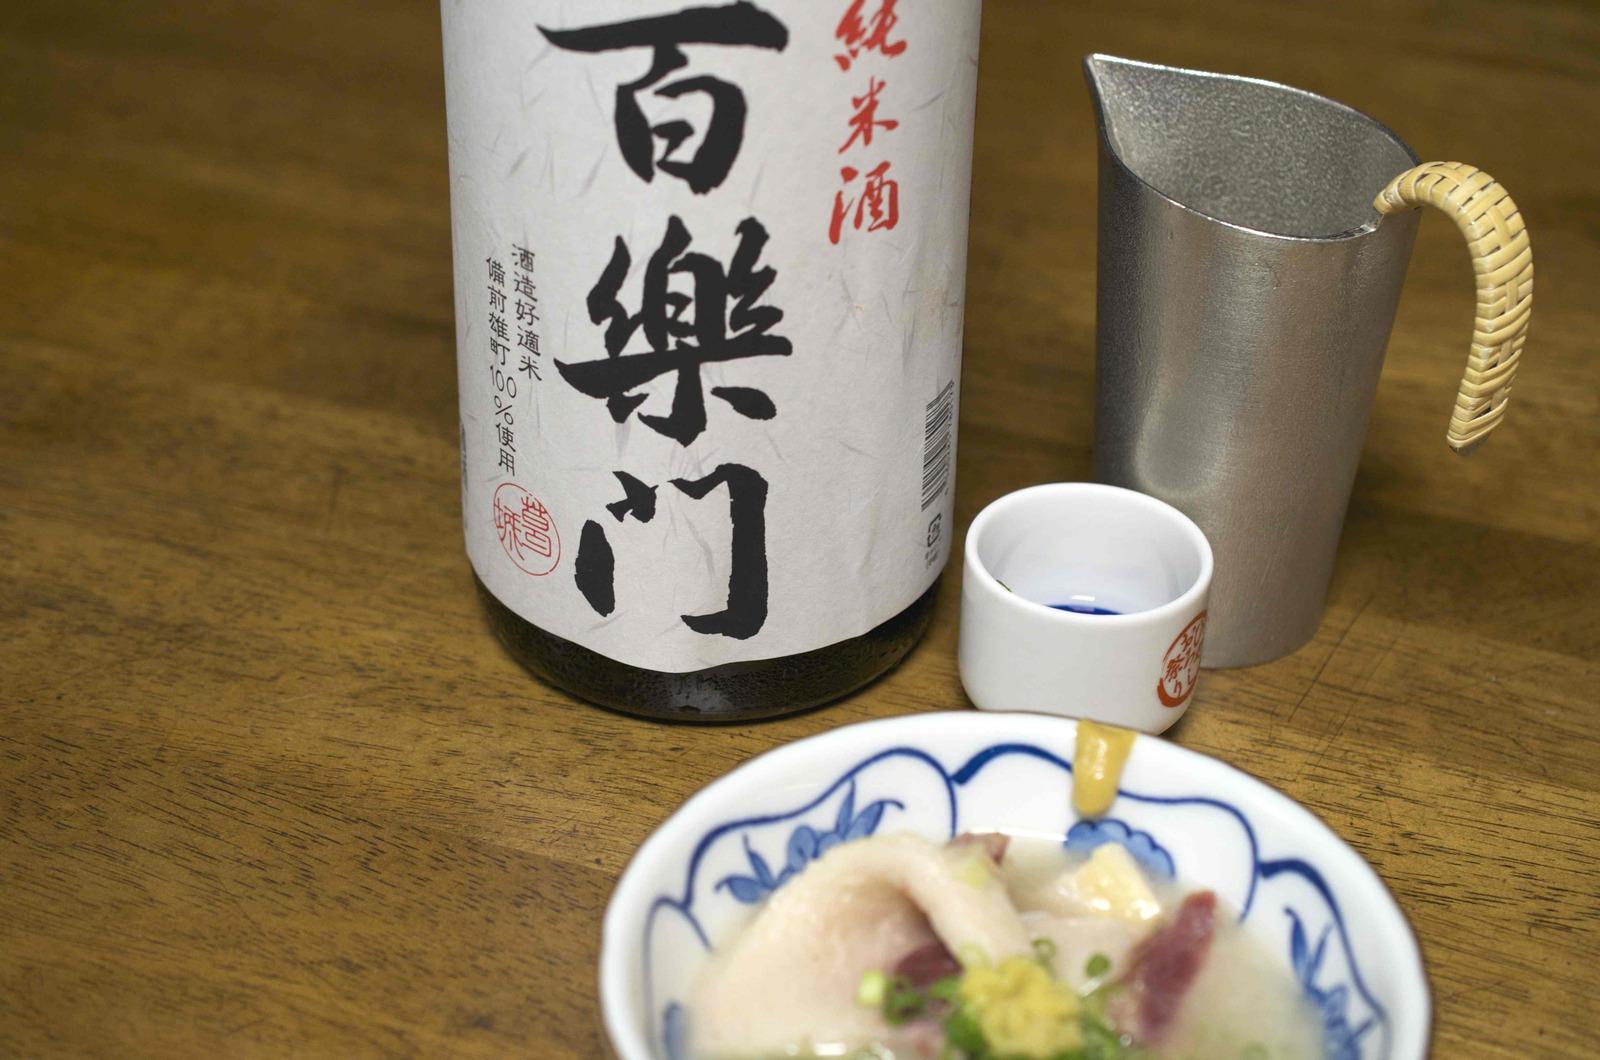 葛城酒造 百楽門 純米酒